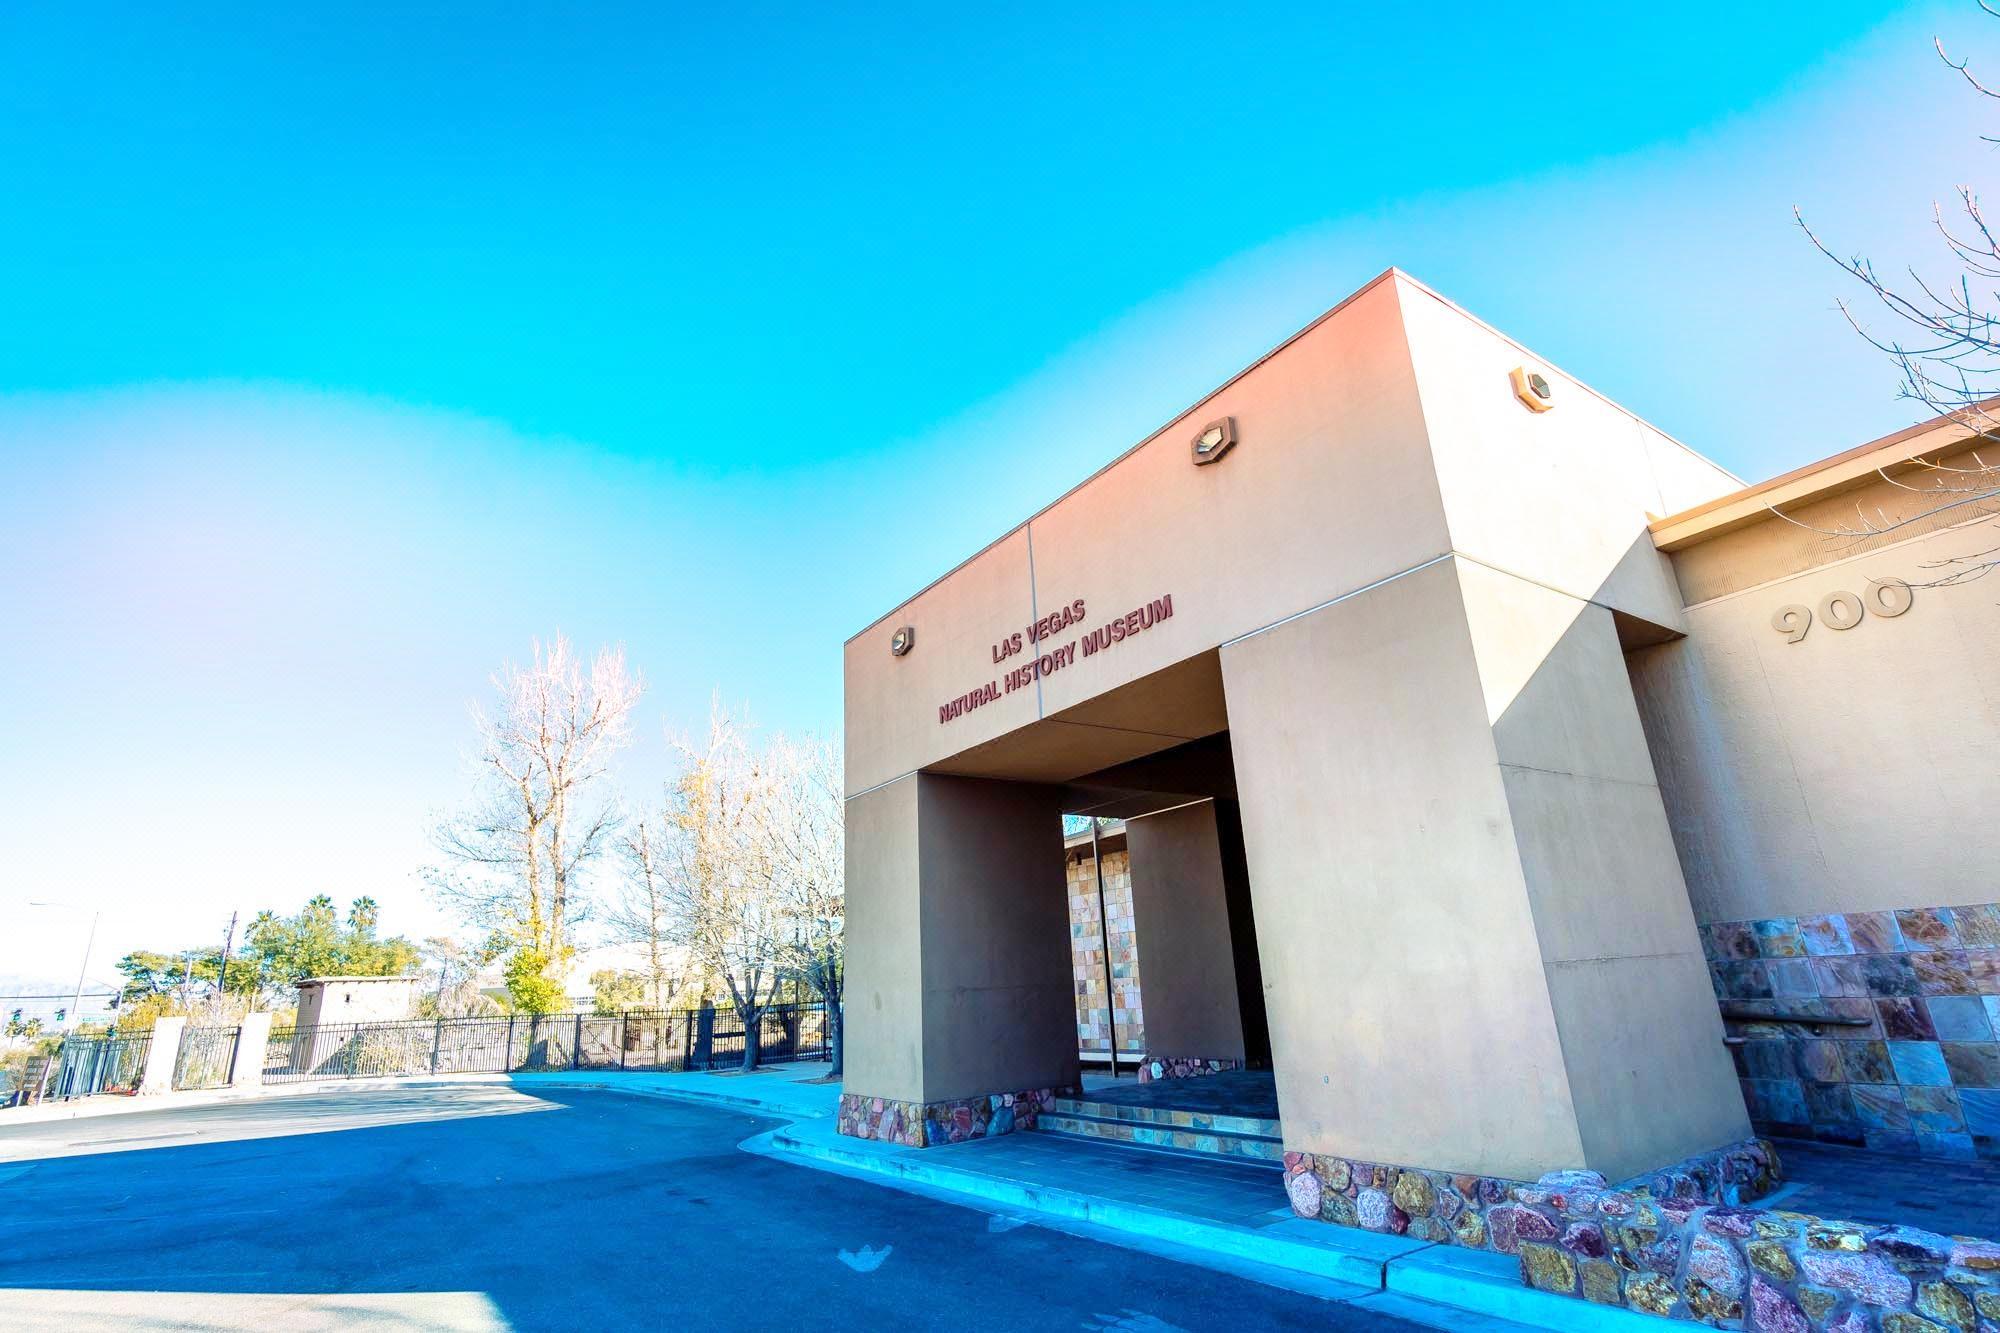 ラスベガス自然史博物館